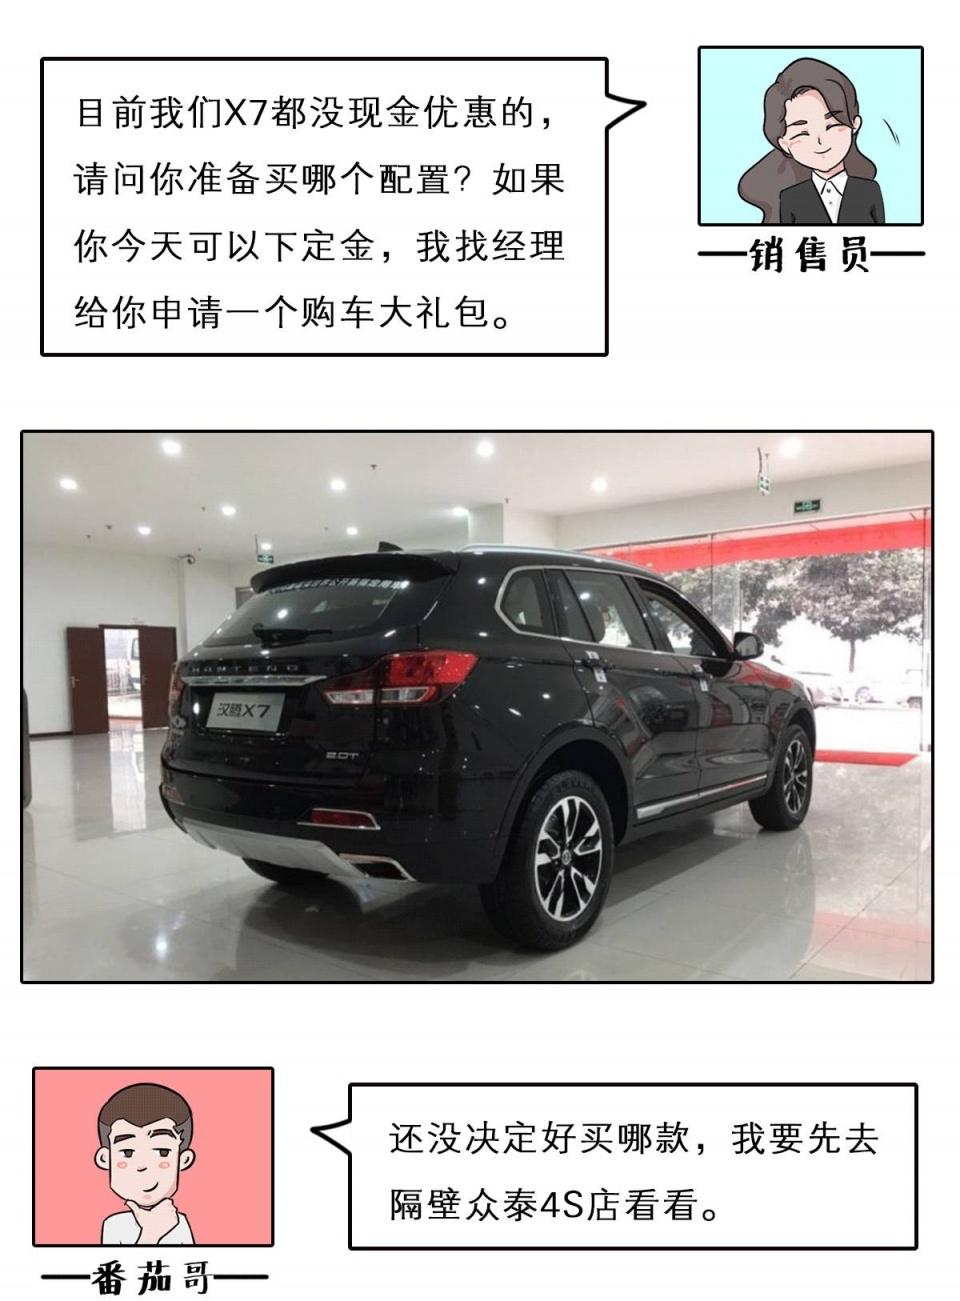 这台神秘的国产SUV 99%的人不认识,但据说销量不错